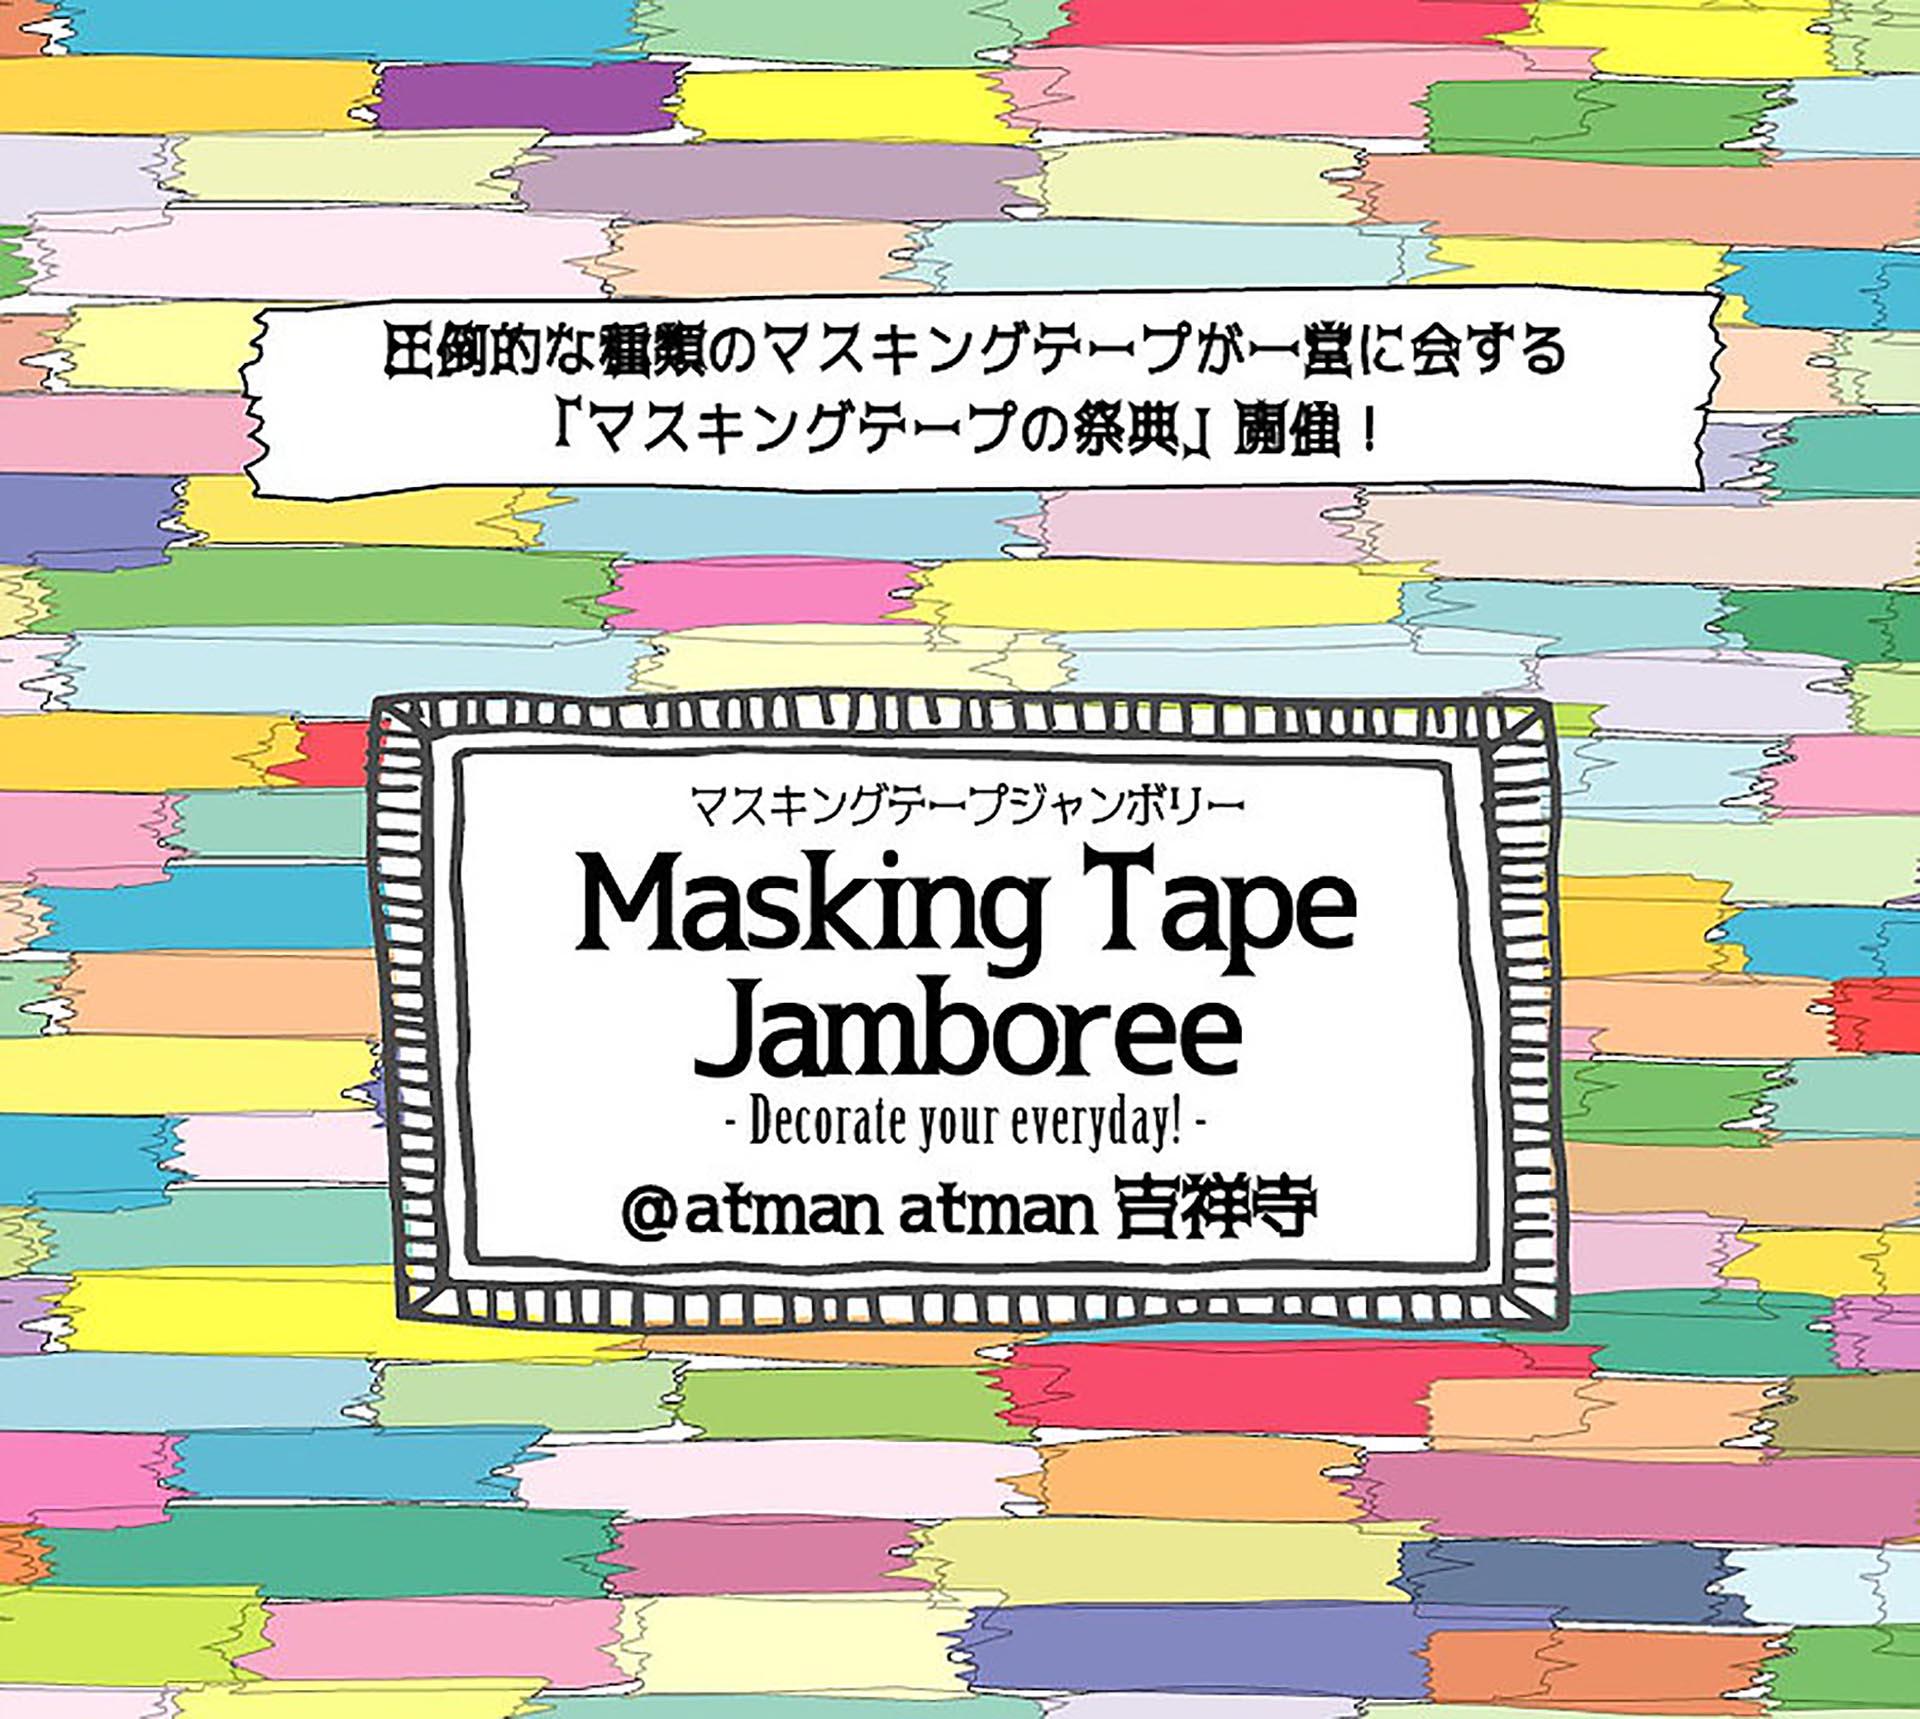 マスキングテープジャンボリー